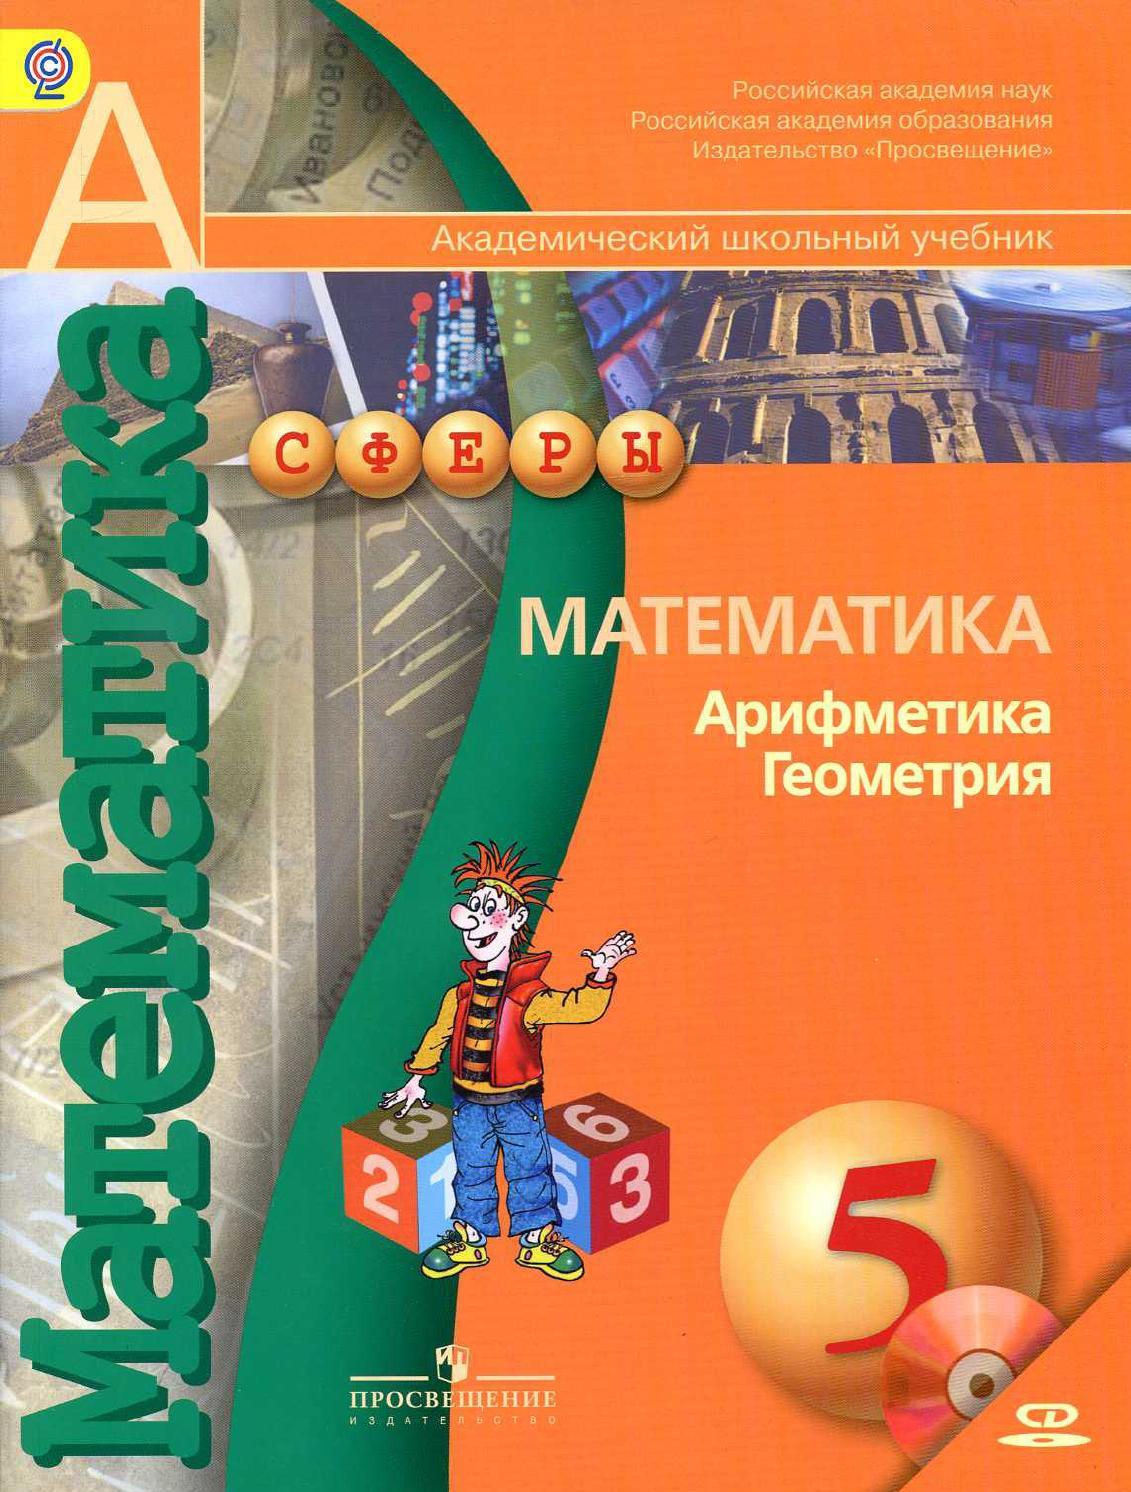 Математика решебник ответы класс школьный учебник академический 5